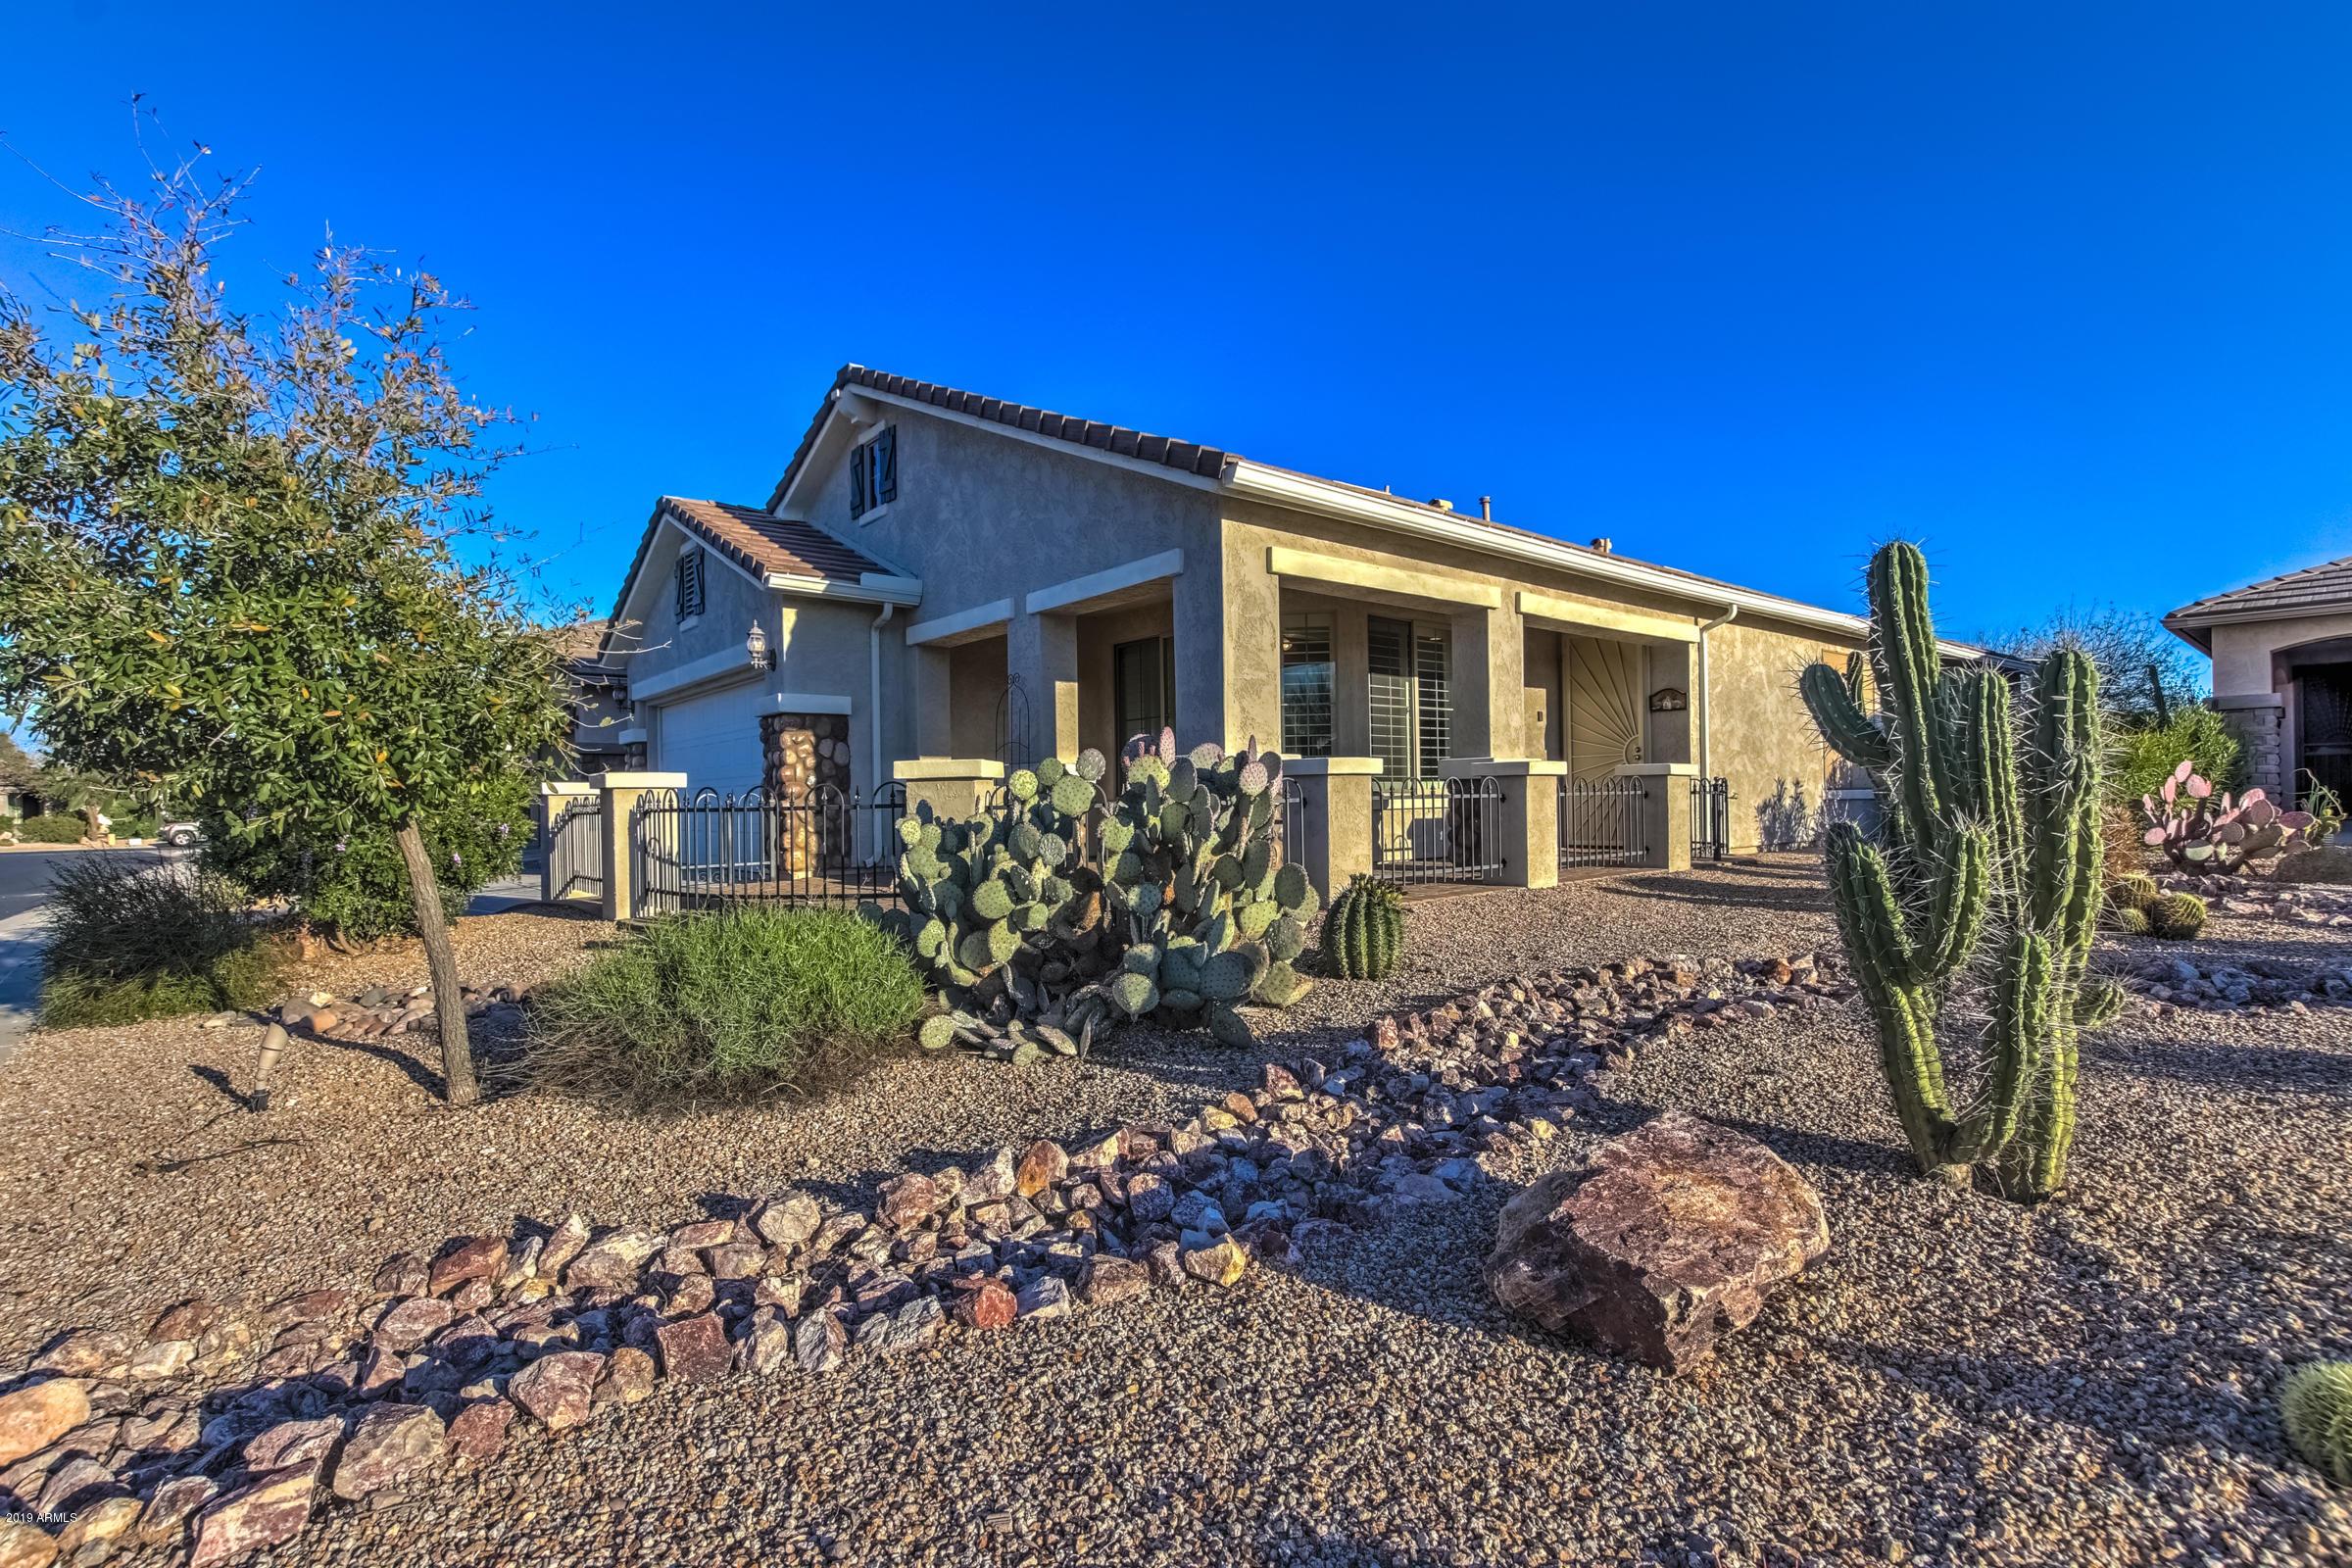 Photo of 321 W PEAK Place, San Tan Valley, AZ 85143